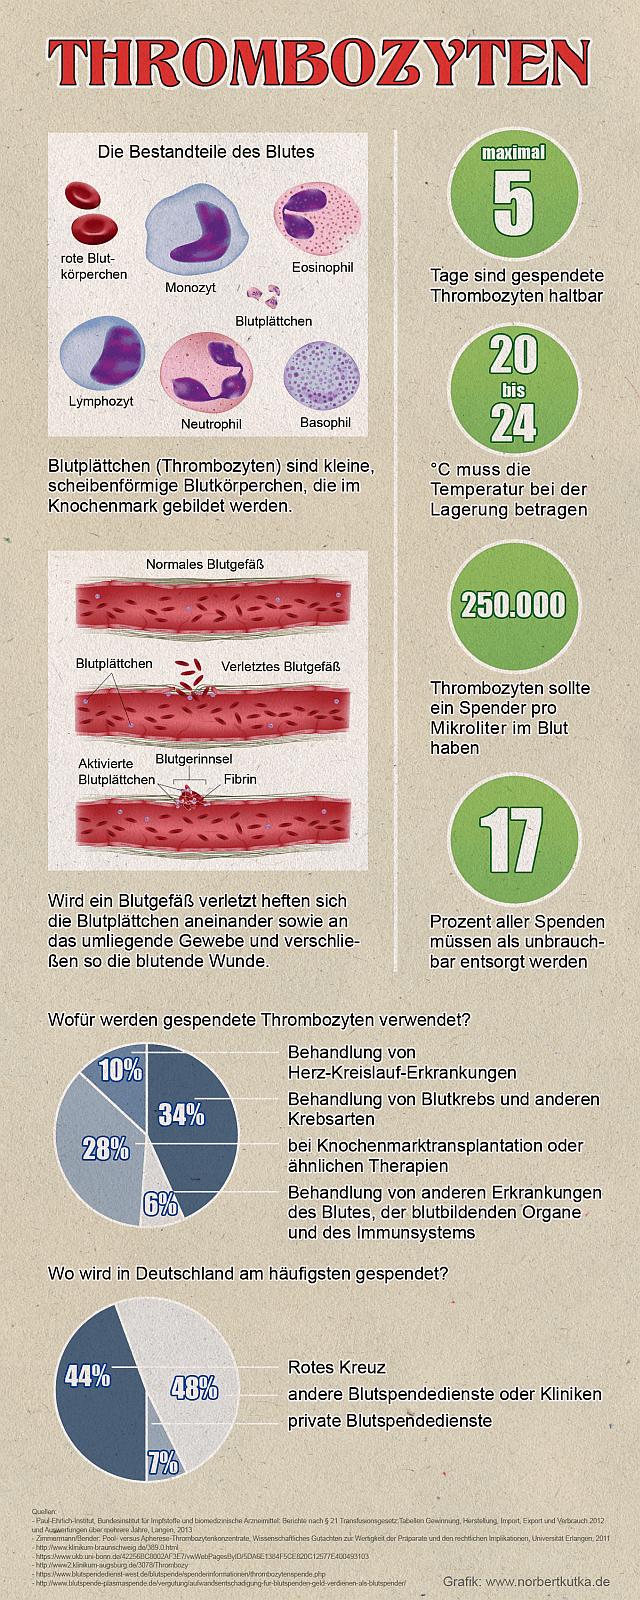 Ratgeber und Informationen zur Thrombozytenspende